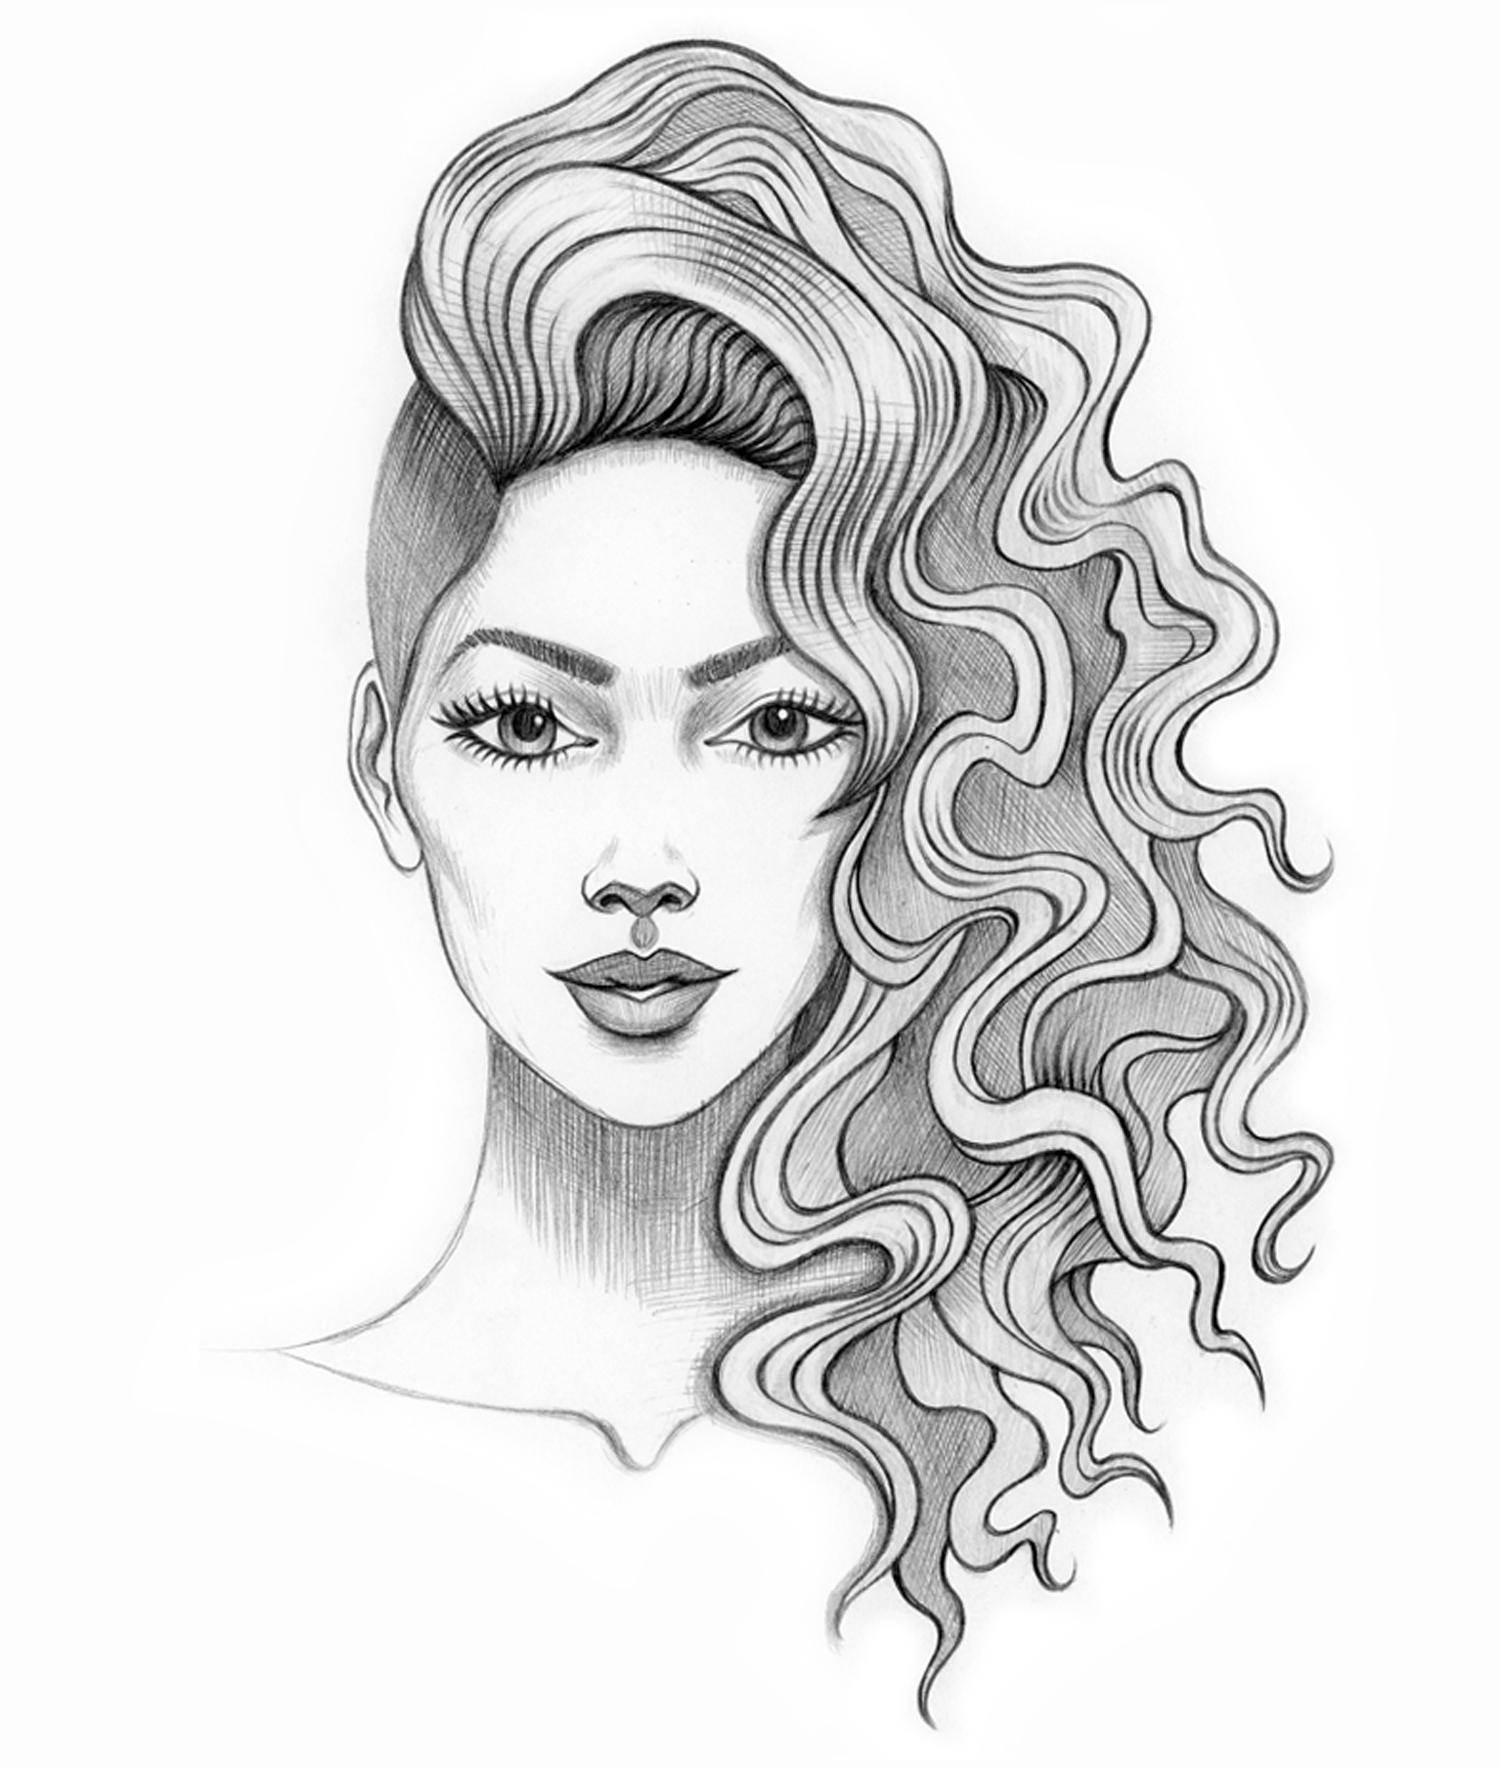 Ethelinda (Drawing)